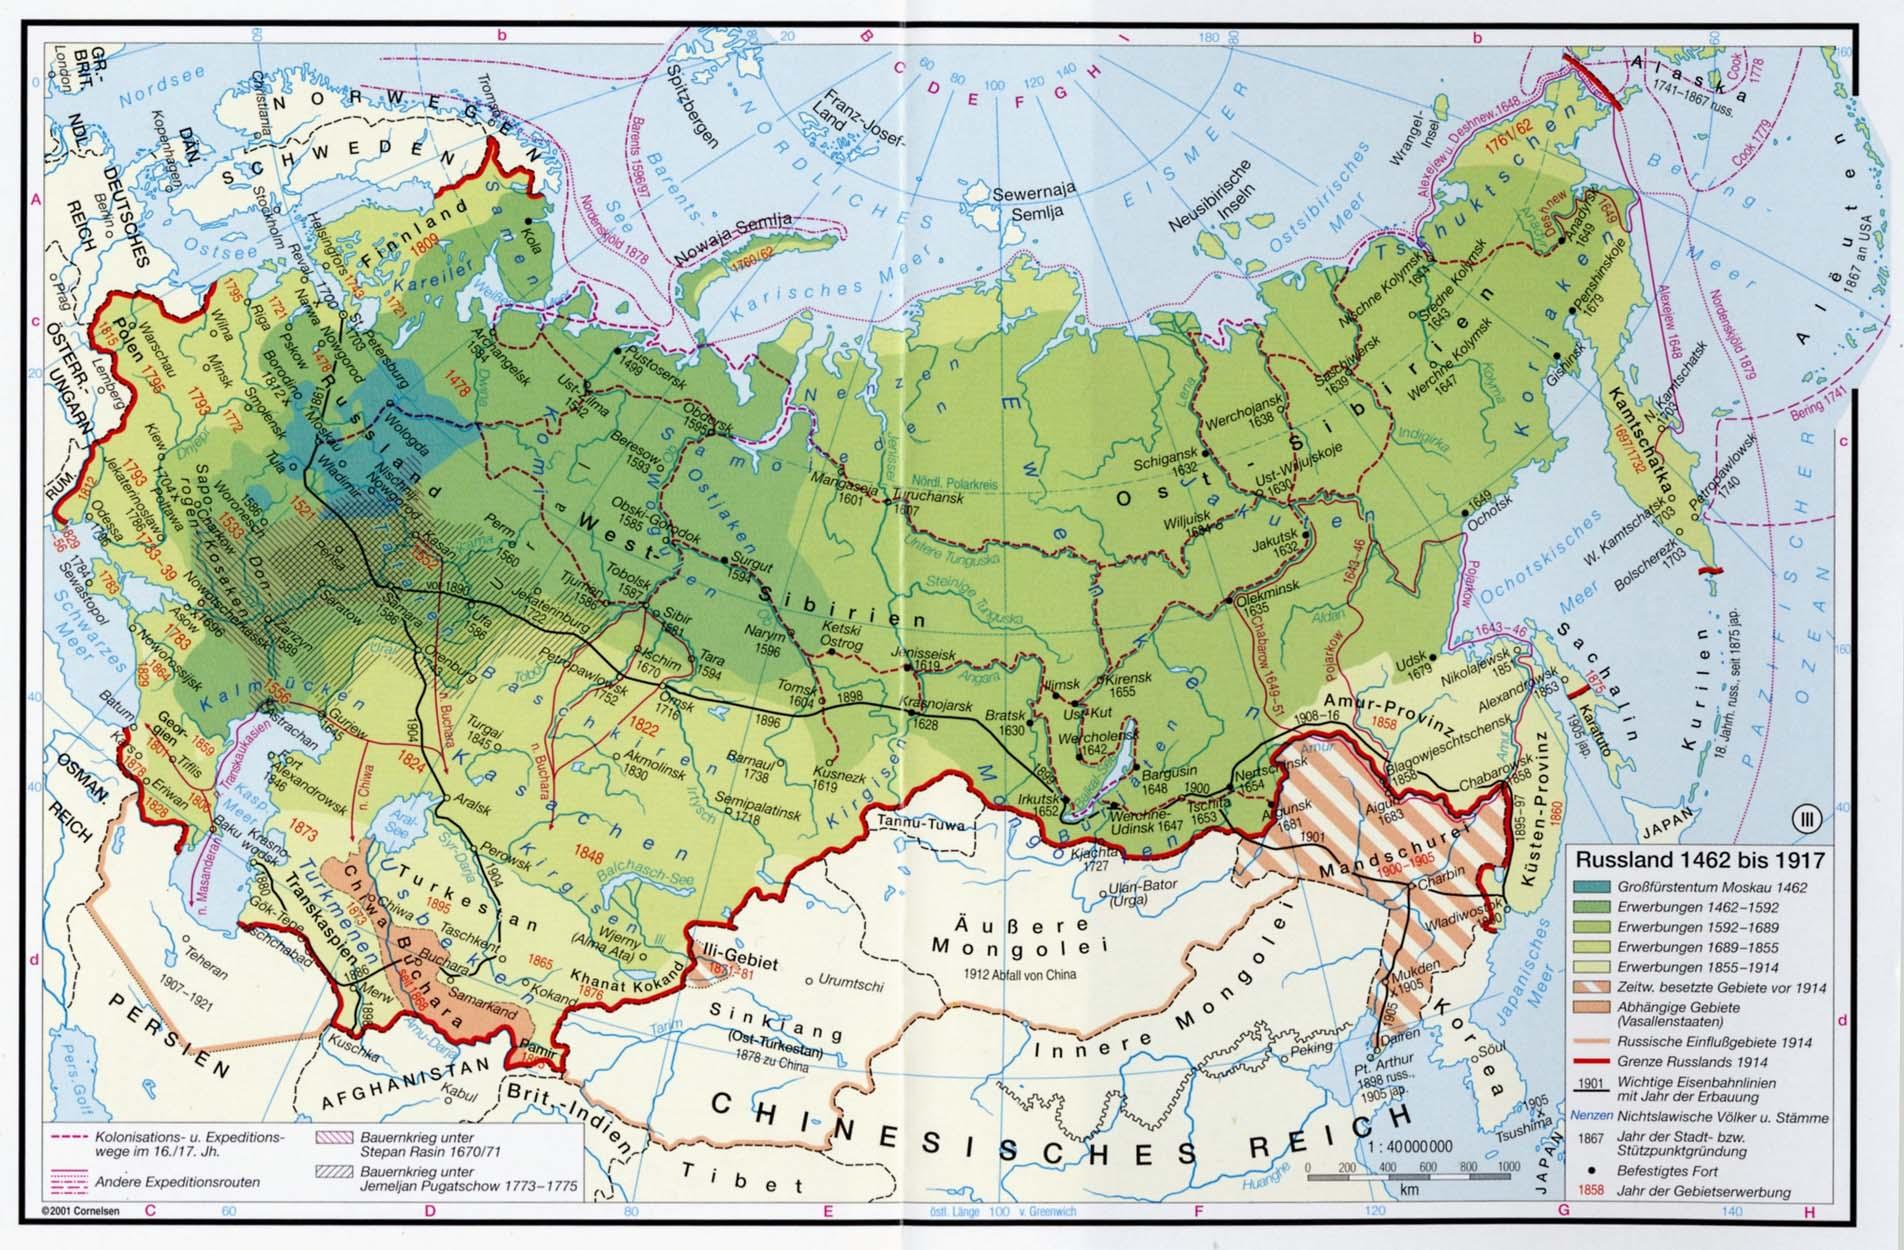 Osmanisches Reich Karte 1914.Mapy Střední Evropa A Dějiny Centropa Org